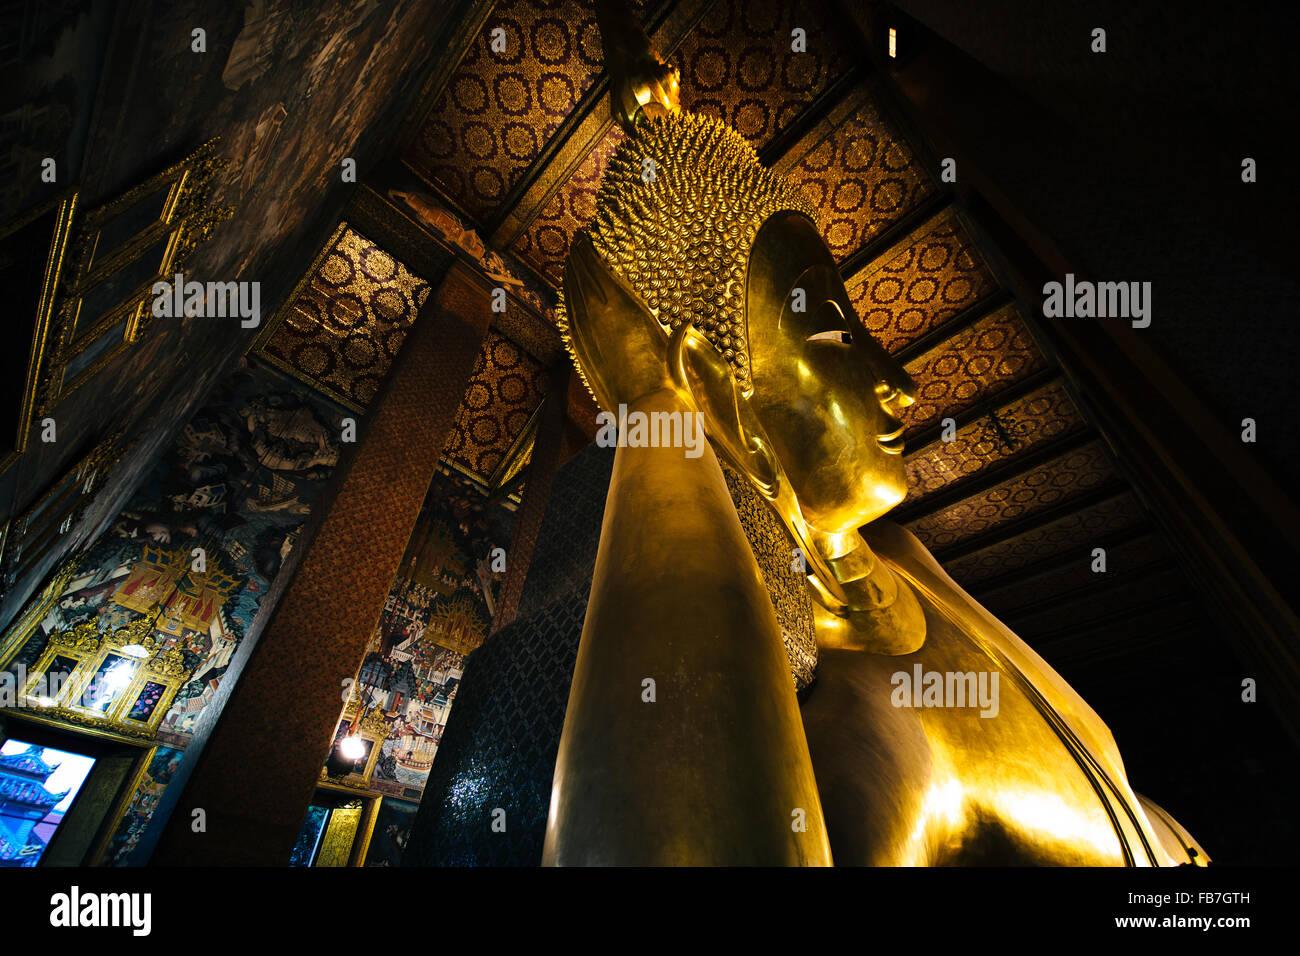 Le Bouddha couché du Wat Pho à Bangkok, Thaïlande. Photo Stock